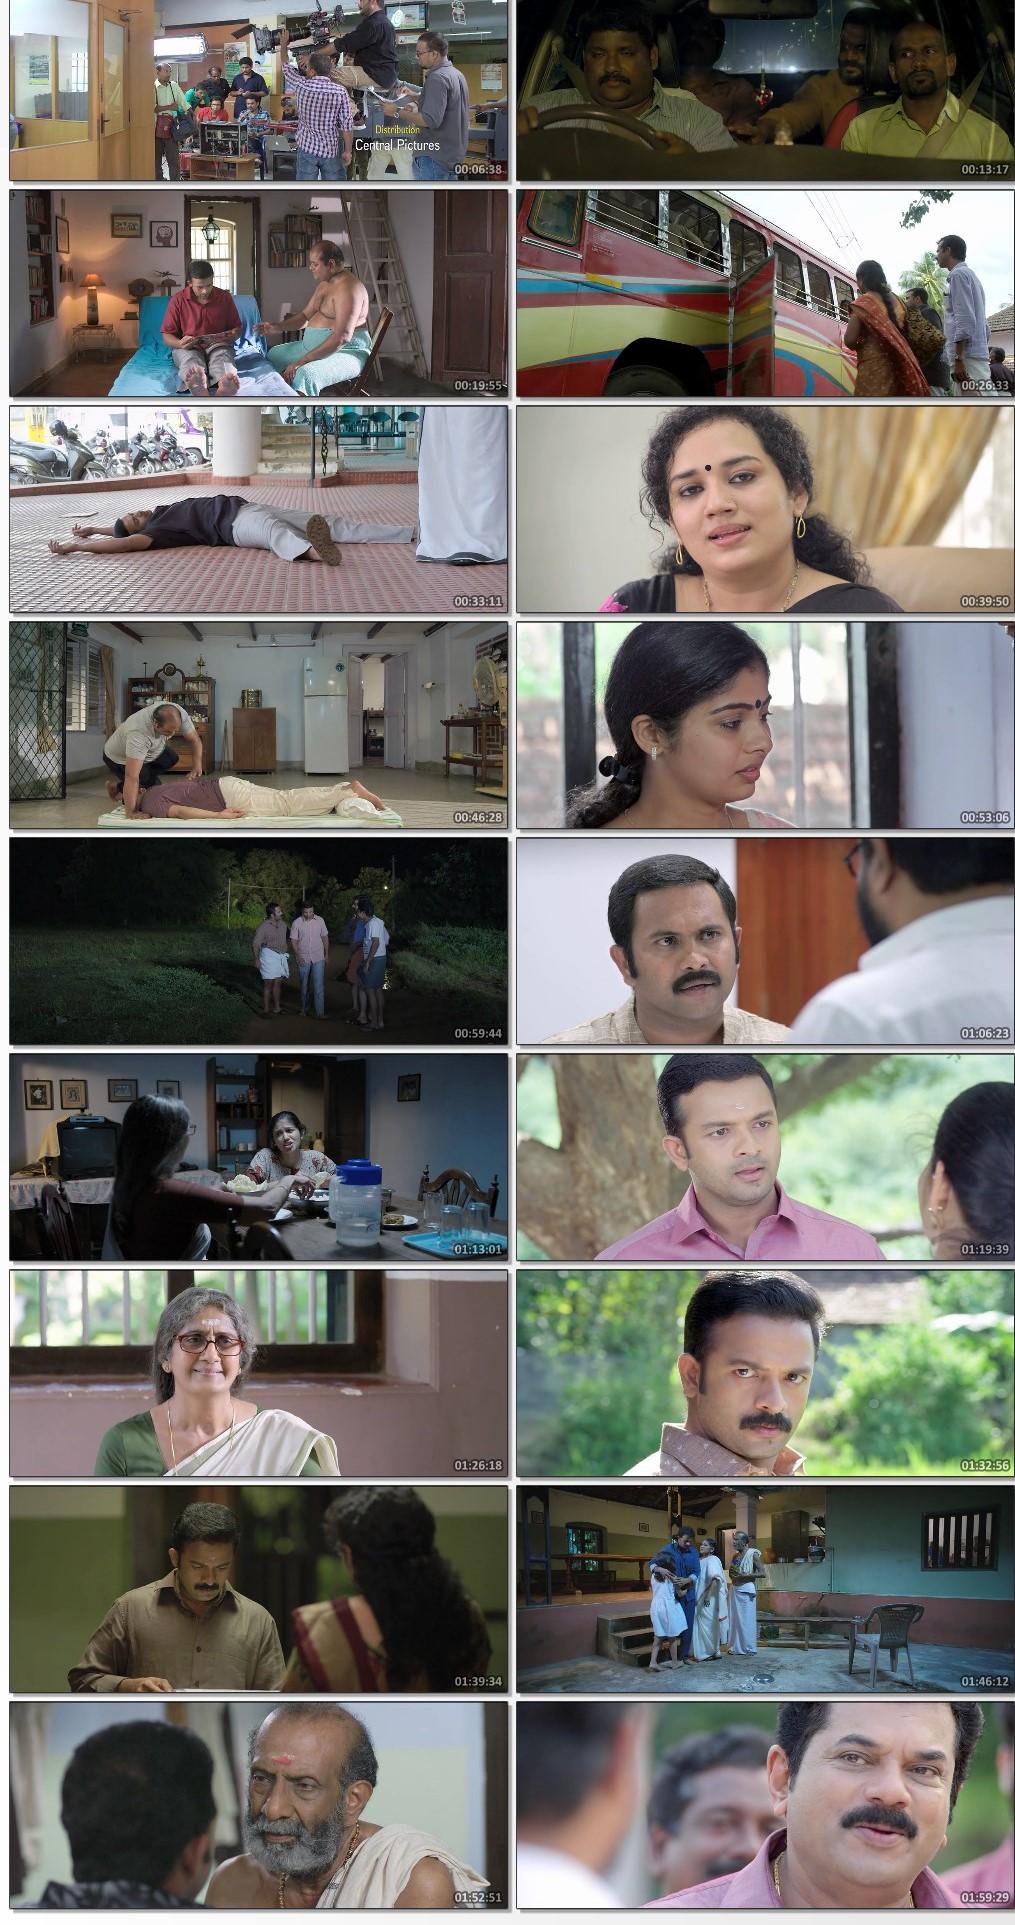 Su-Su-Sudhi-Vathmeekam-2015-Web-Rip-720p-Hindi-Malayalam-AAC-2-0-x264-ESub-www-7-Star-HD-Quest-mkv-t